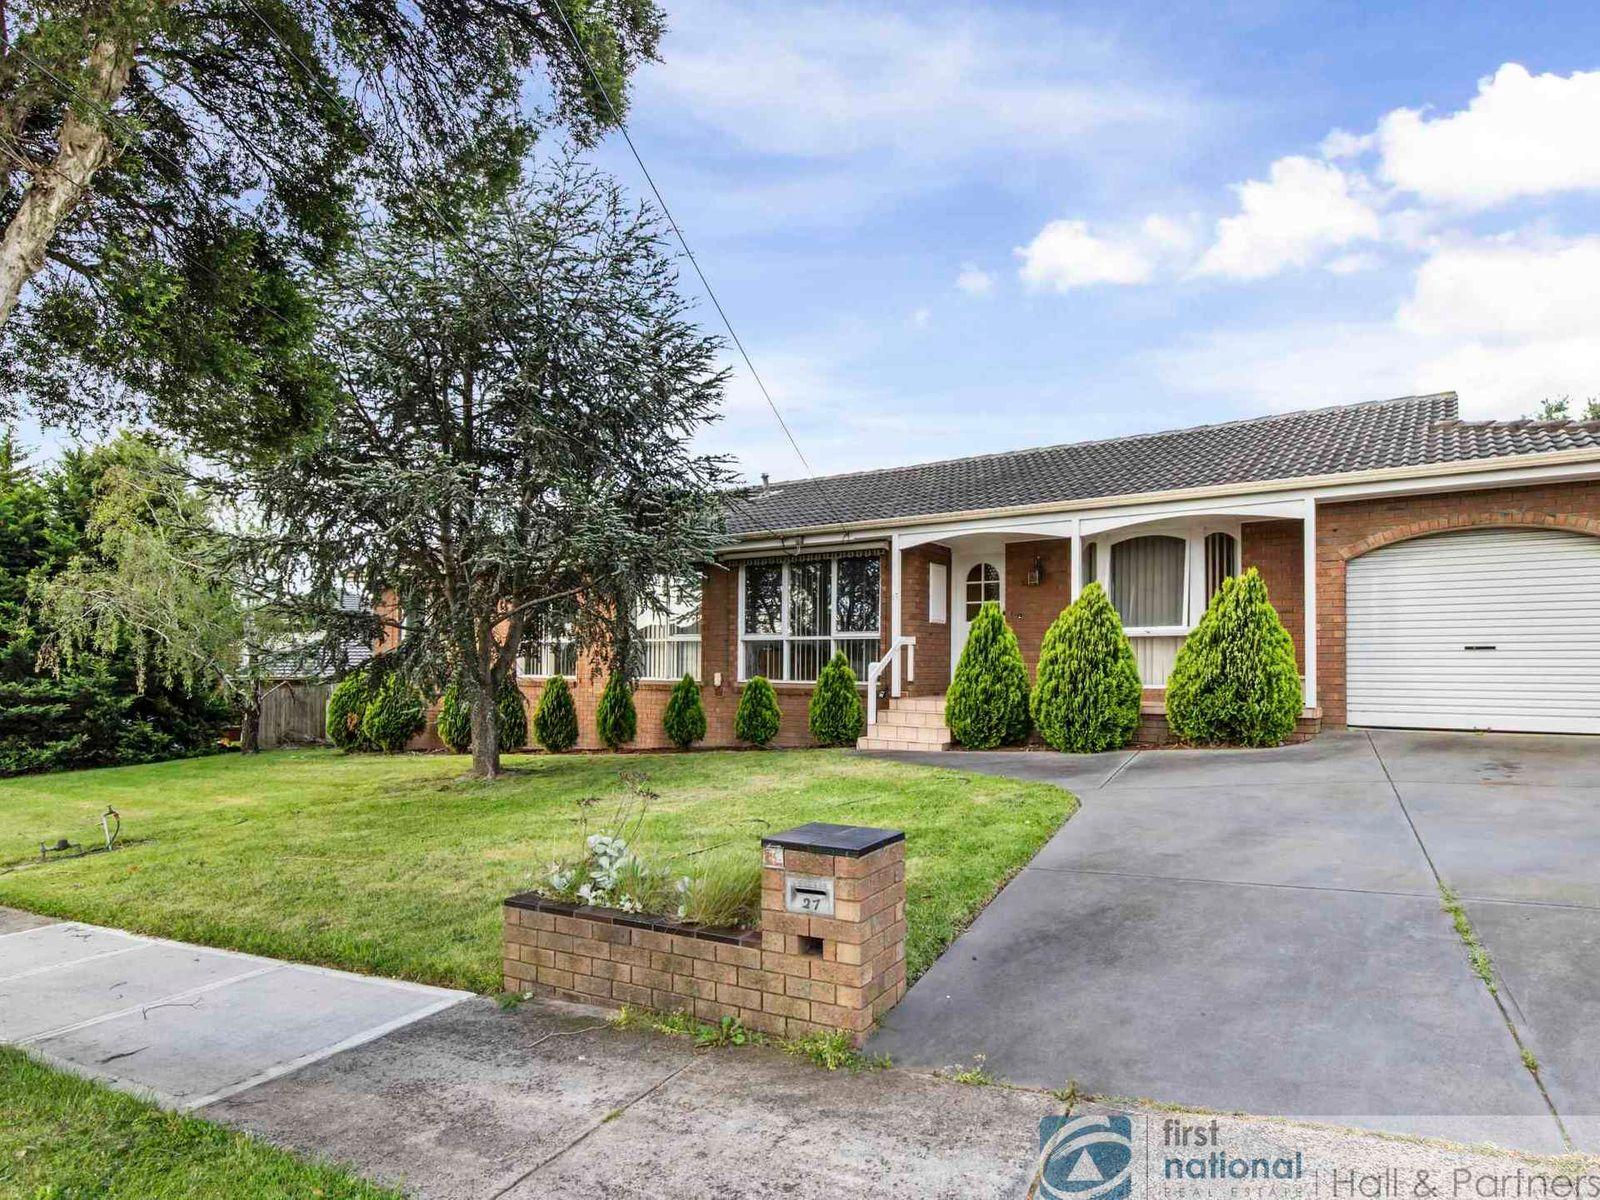 27 Essex Drive, Endeavour Hills, VIC 3802